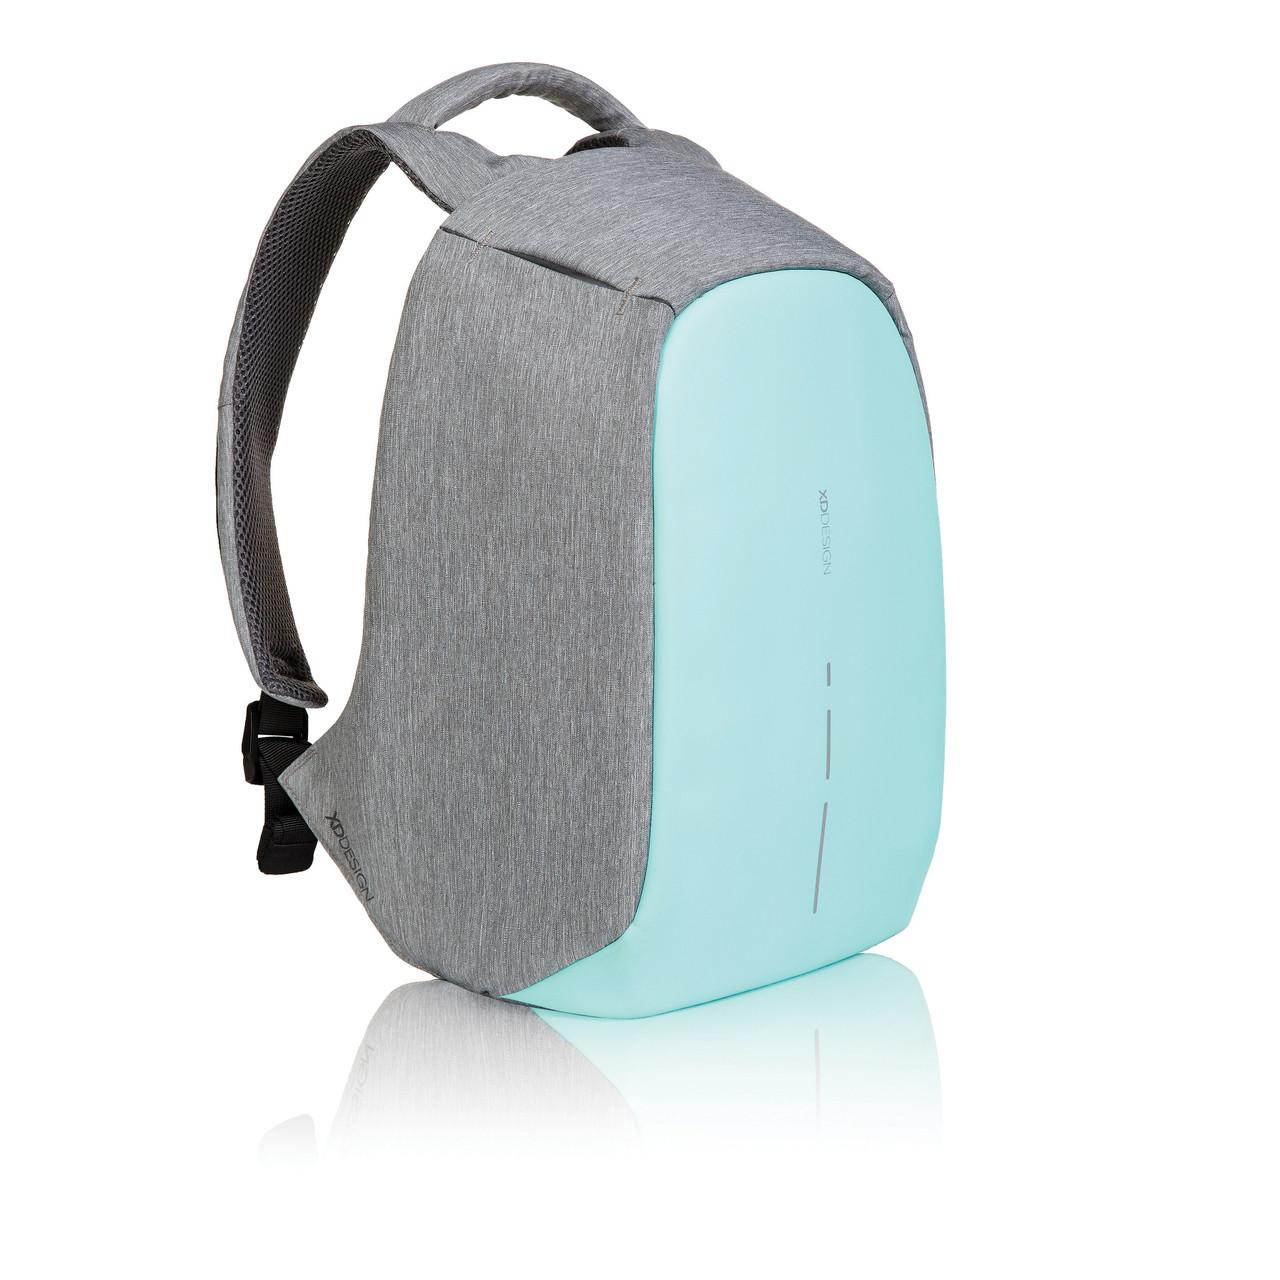 Рюкзак Bobby compact оригинал XD Design для ноутбука, mint green P705.537